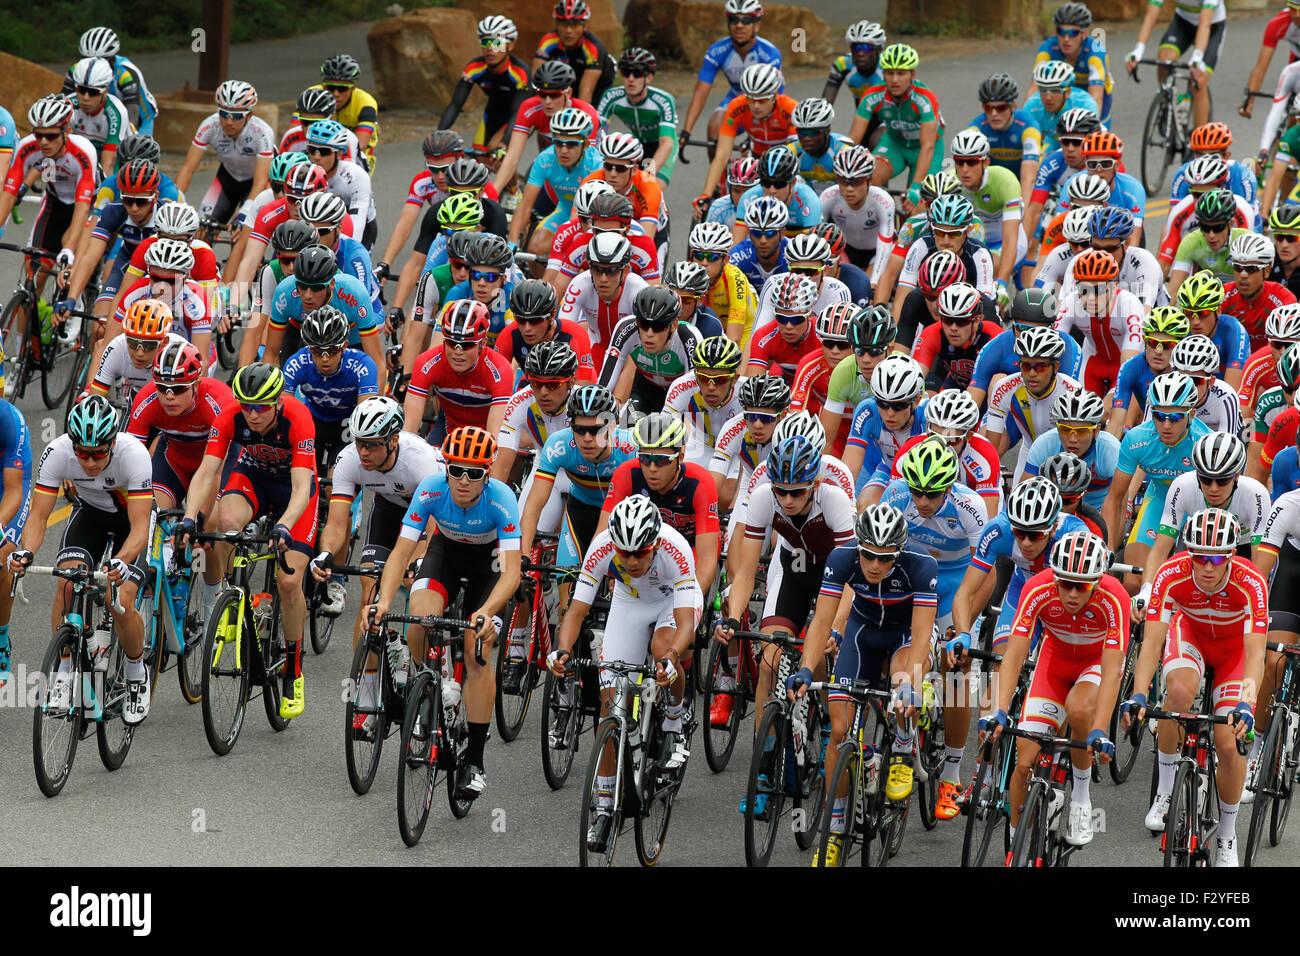 RICHMOND, Virginia, el 25 de septiembre del 2015. El pelotón carreras en Richmond, Virginia's Dock Street durante los Campeonatos del Mundo de carretera UCI hombres menores de 23 Road Race. Crédito: Ironstring/Alamy Live News Foto de stock